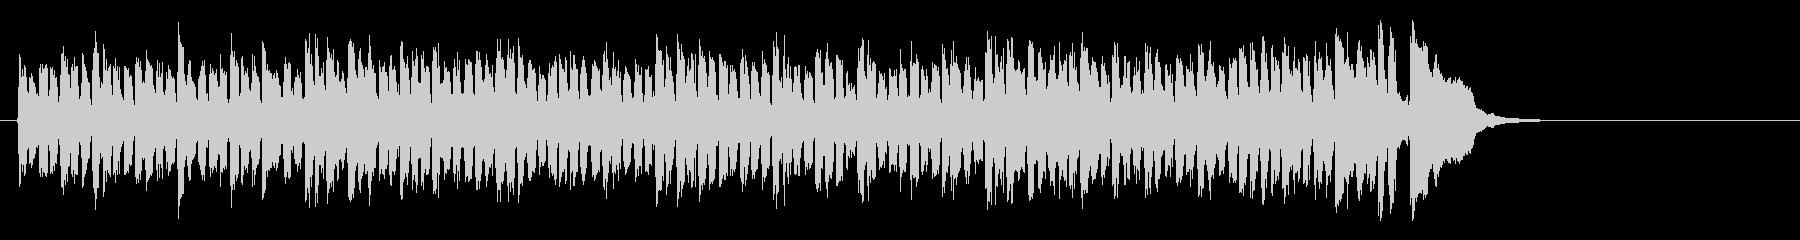 元気なヒューマンポップス(Aメロ)の未再生の波形